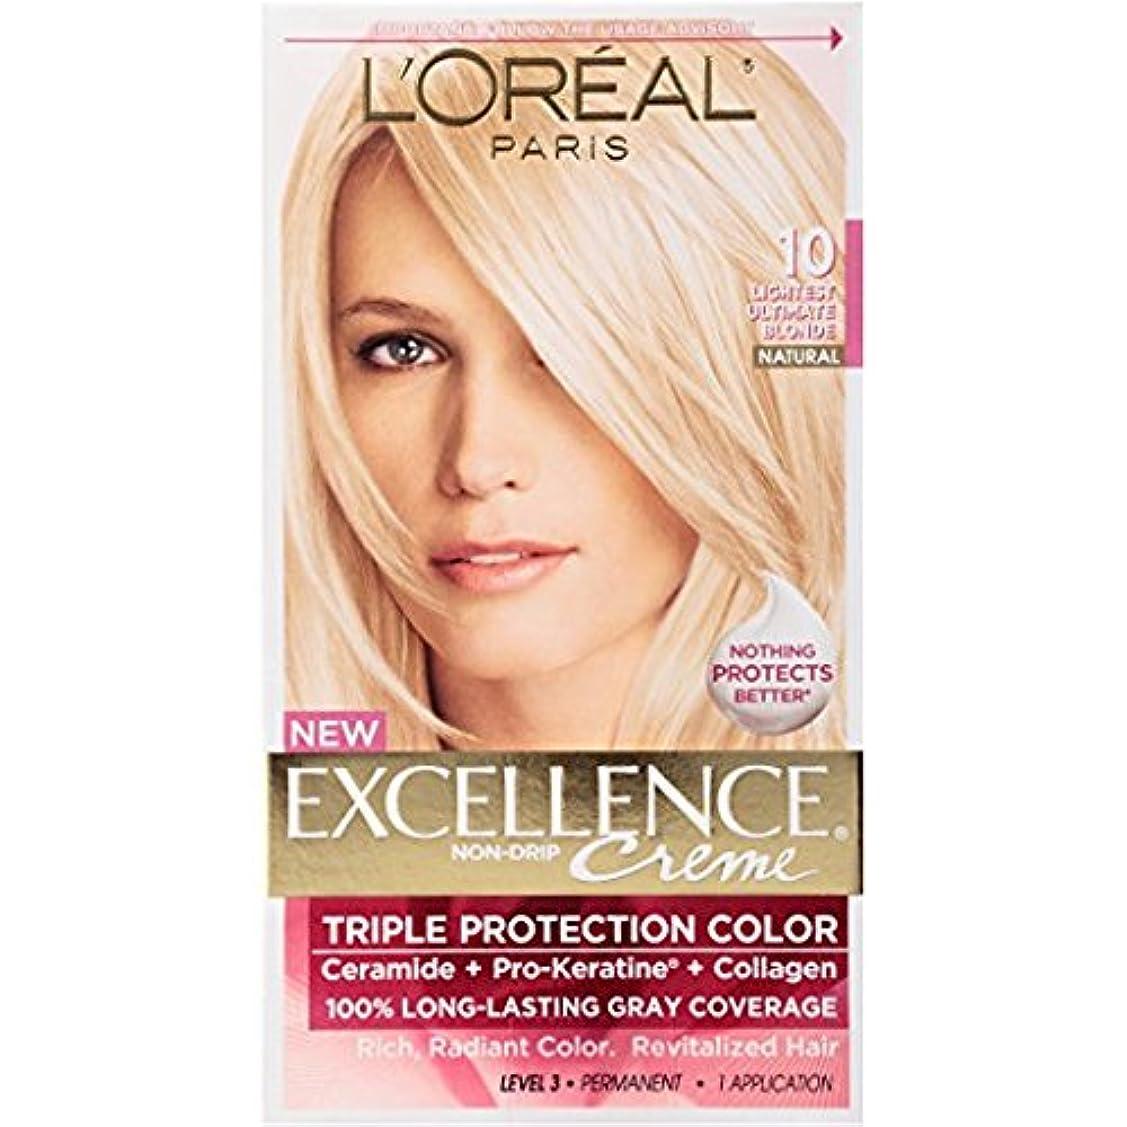 ホスト見せます完璧ロレアル L'Oreal Paris Excellence Creme Pro - Keratine 10 Light Ultimate Blonde ブロンド ヘアダイ [並行輸入品]